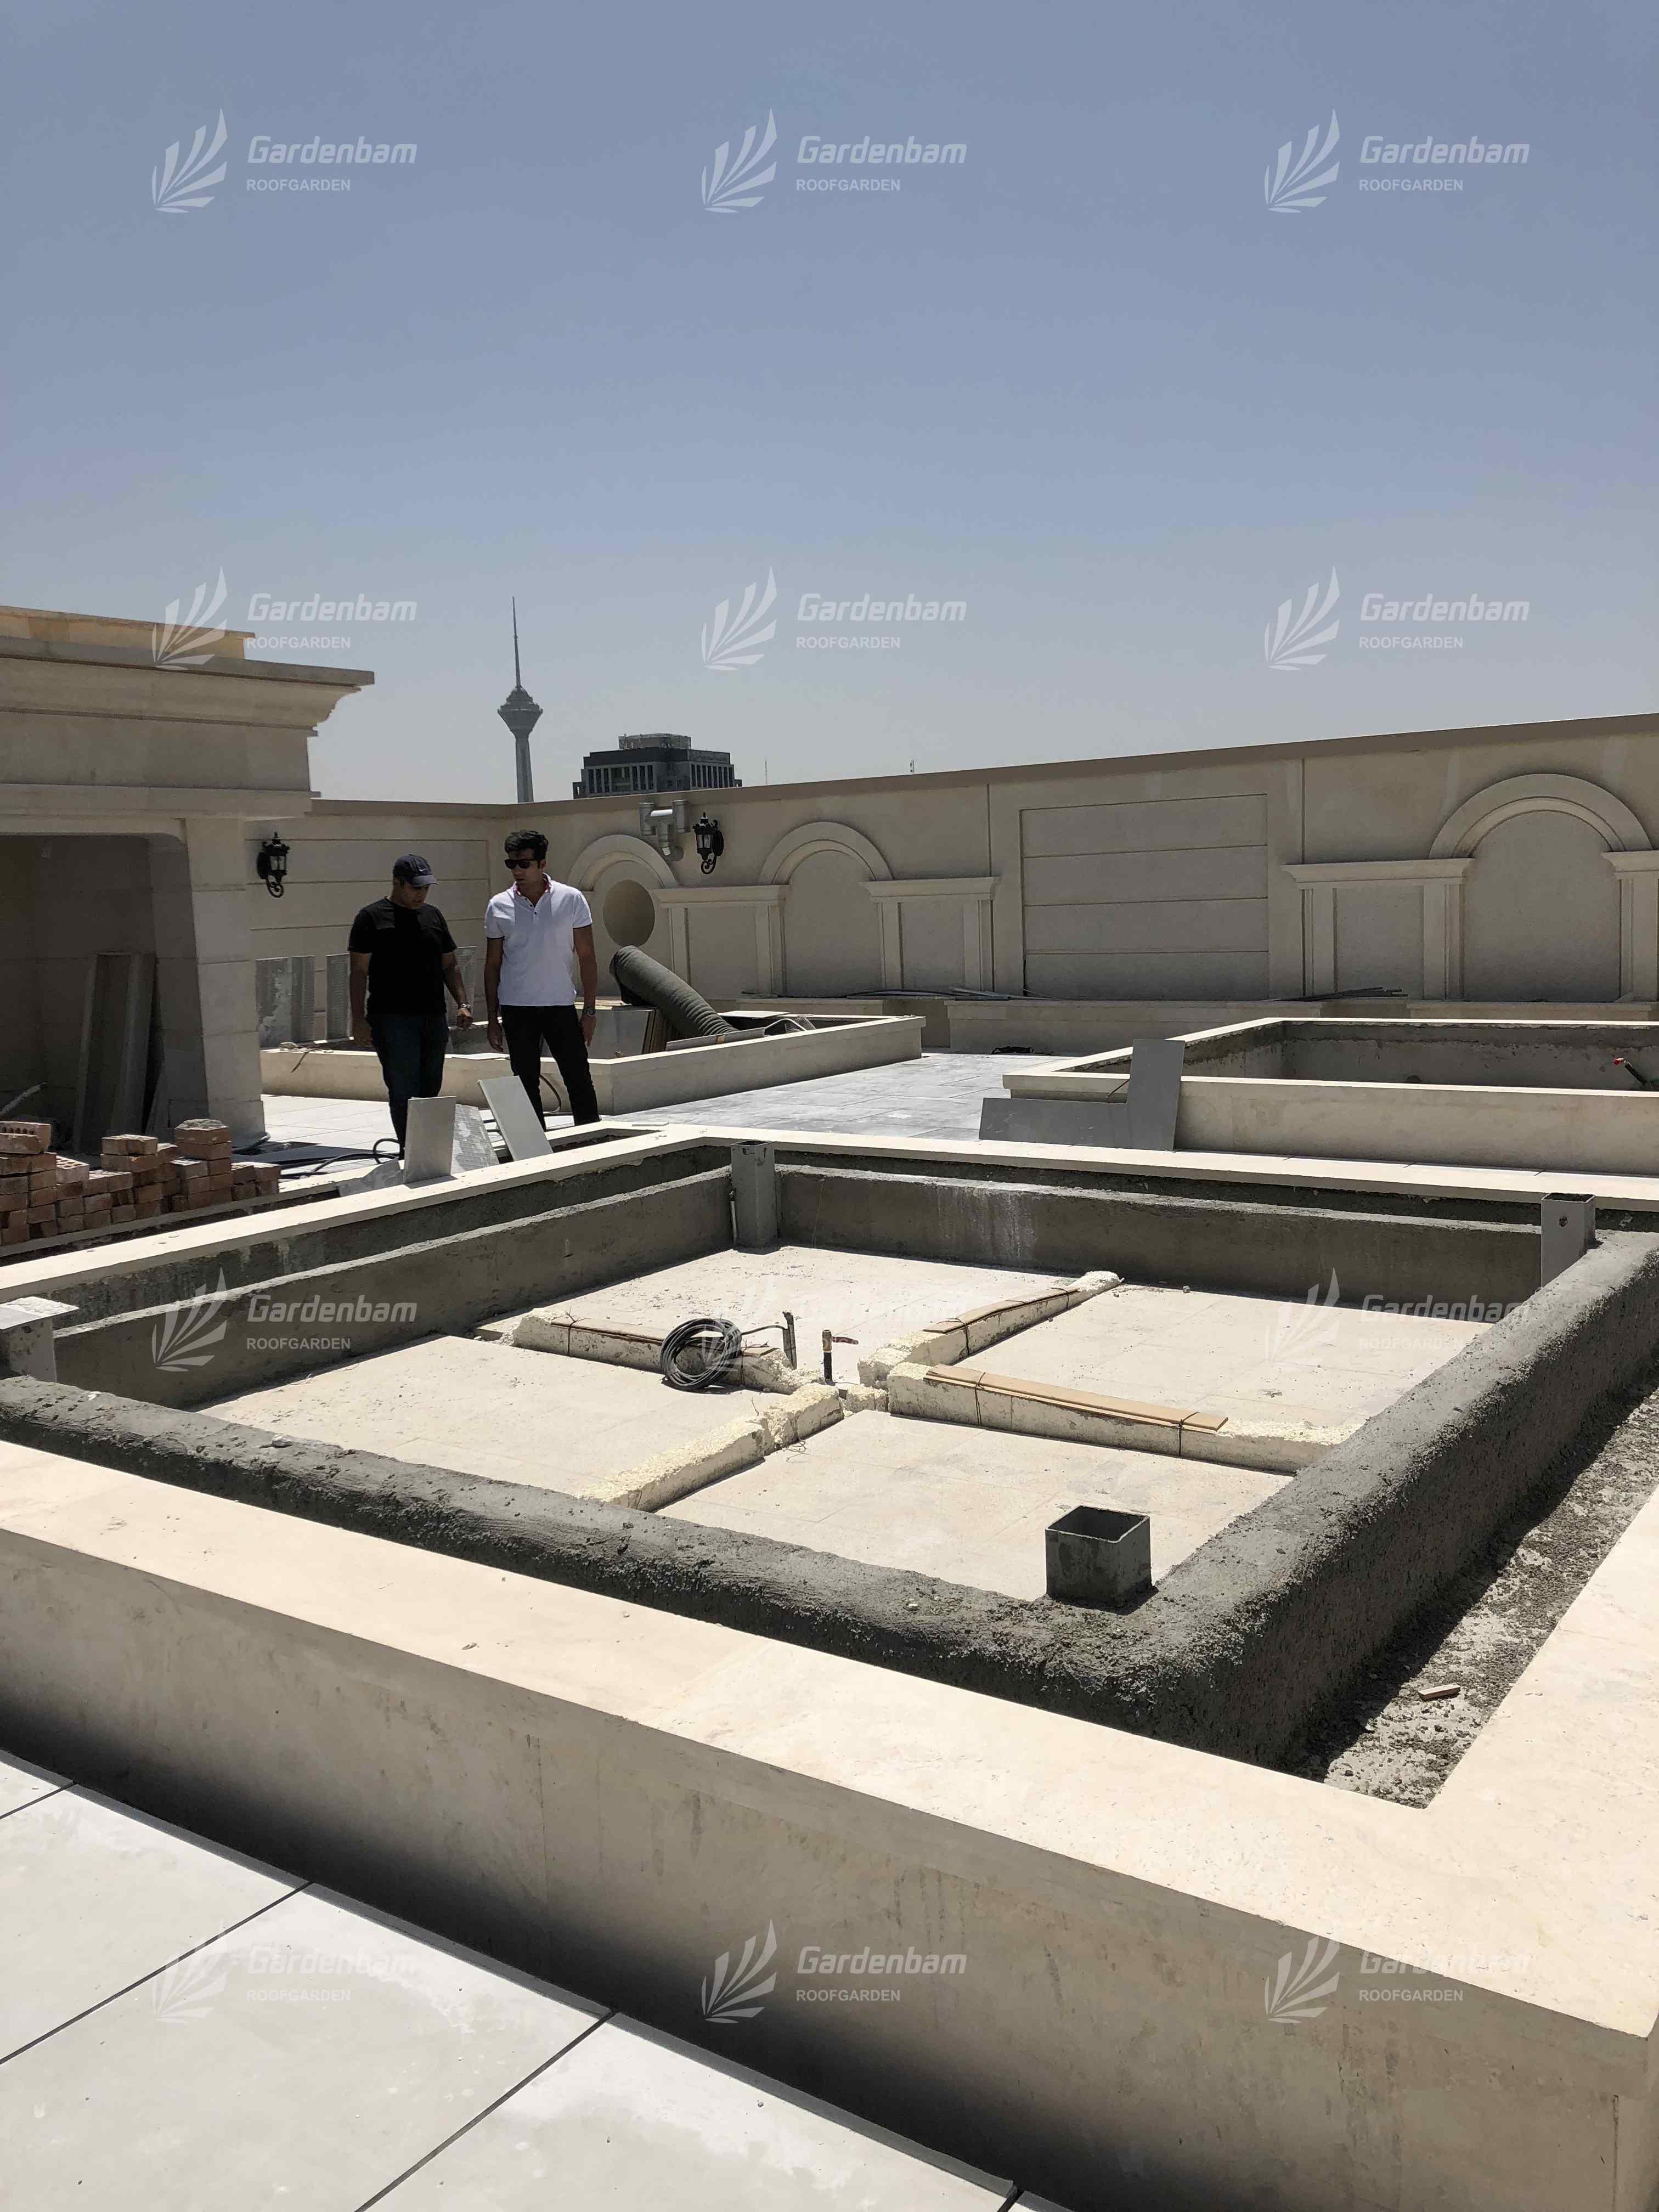 مشاوره روف گاردن و فضای سبز در تهران | مهندس پیمان جمشیدی | طراحی و اجرای روف گاردن سعادت آباد(ذرافشان)